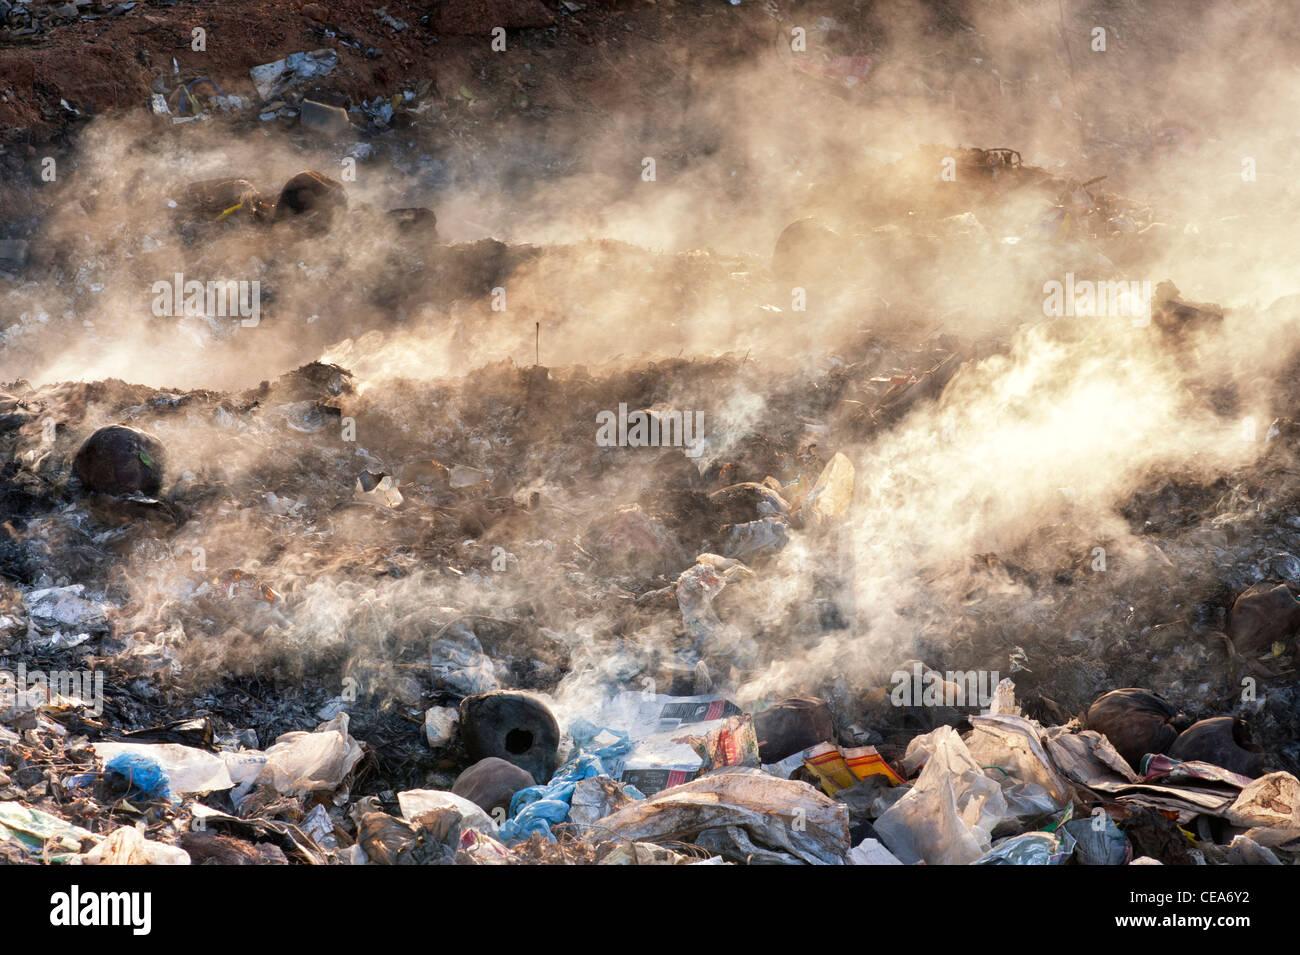 Les déchets ménagers sont brûlés sur la route en Inde Photo Stock